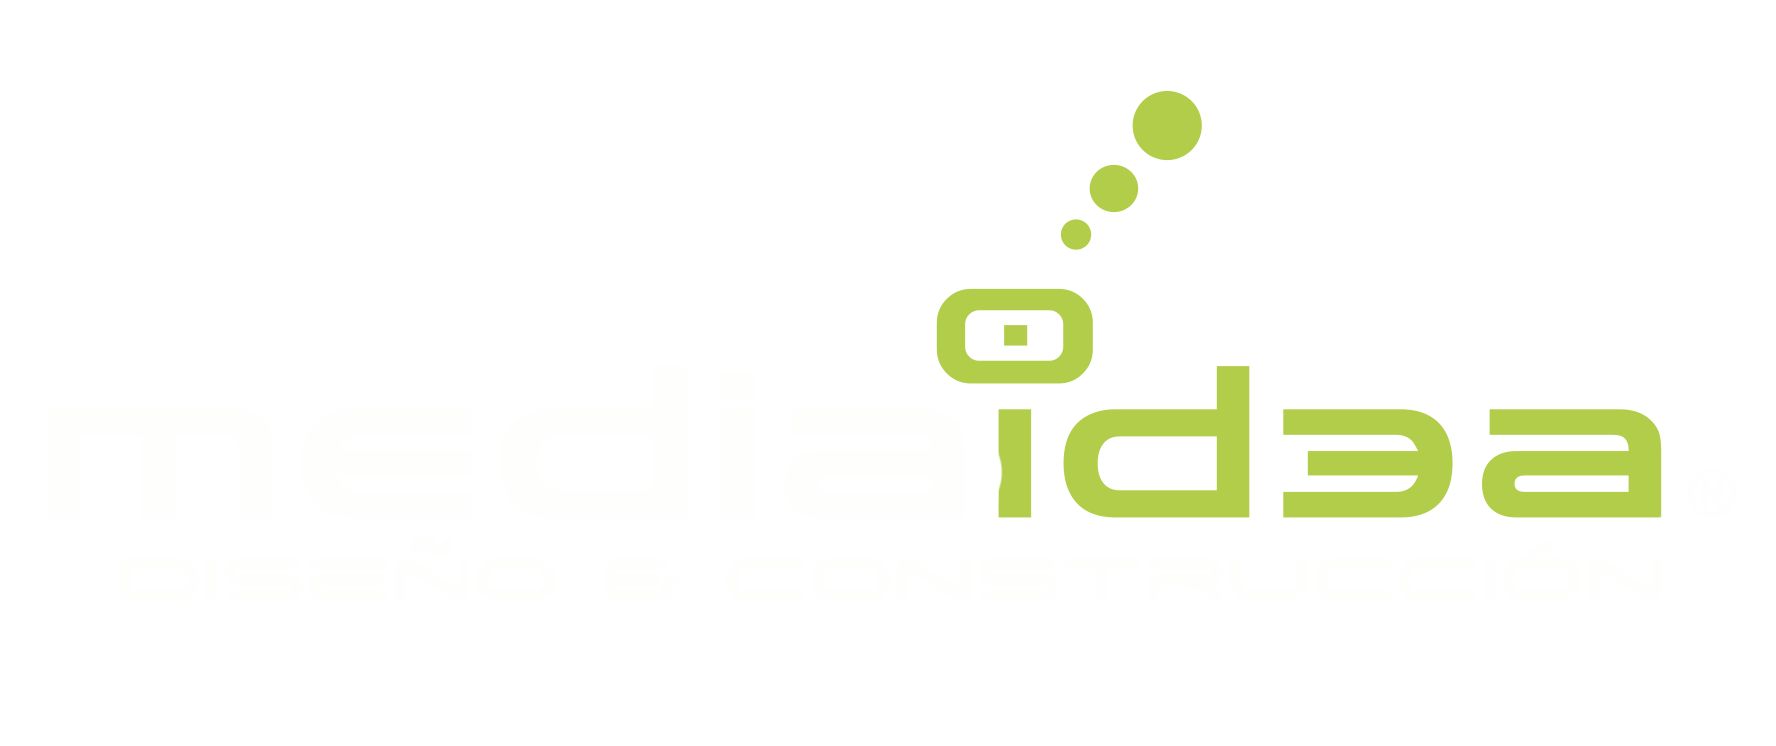 Diseño Gráfico, Publicidad y Web en Antofagasta I Mediaidea Spa